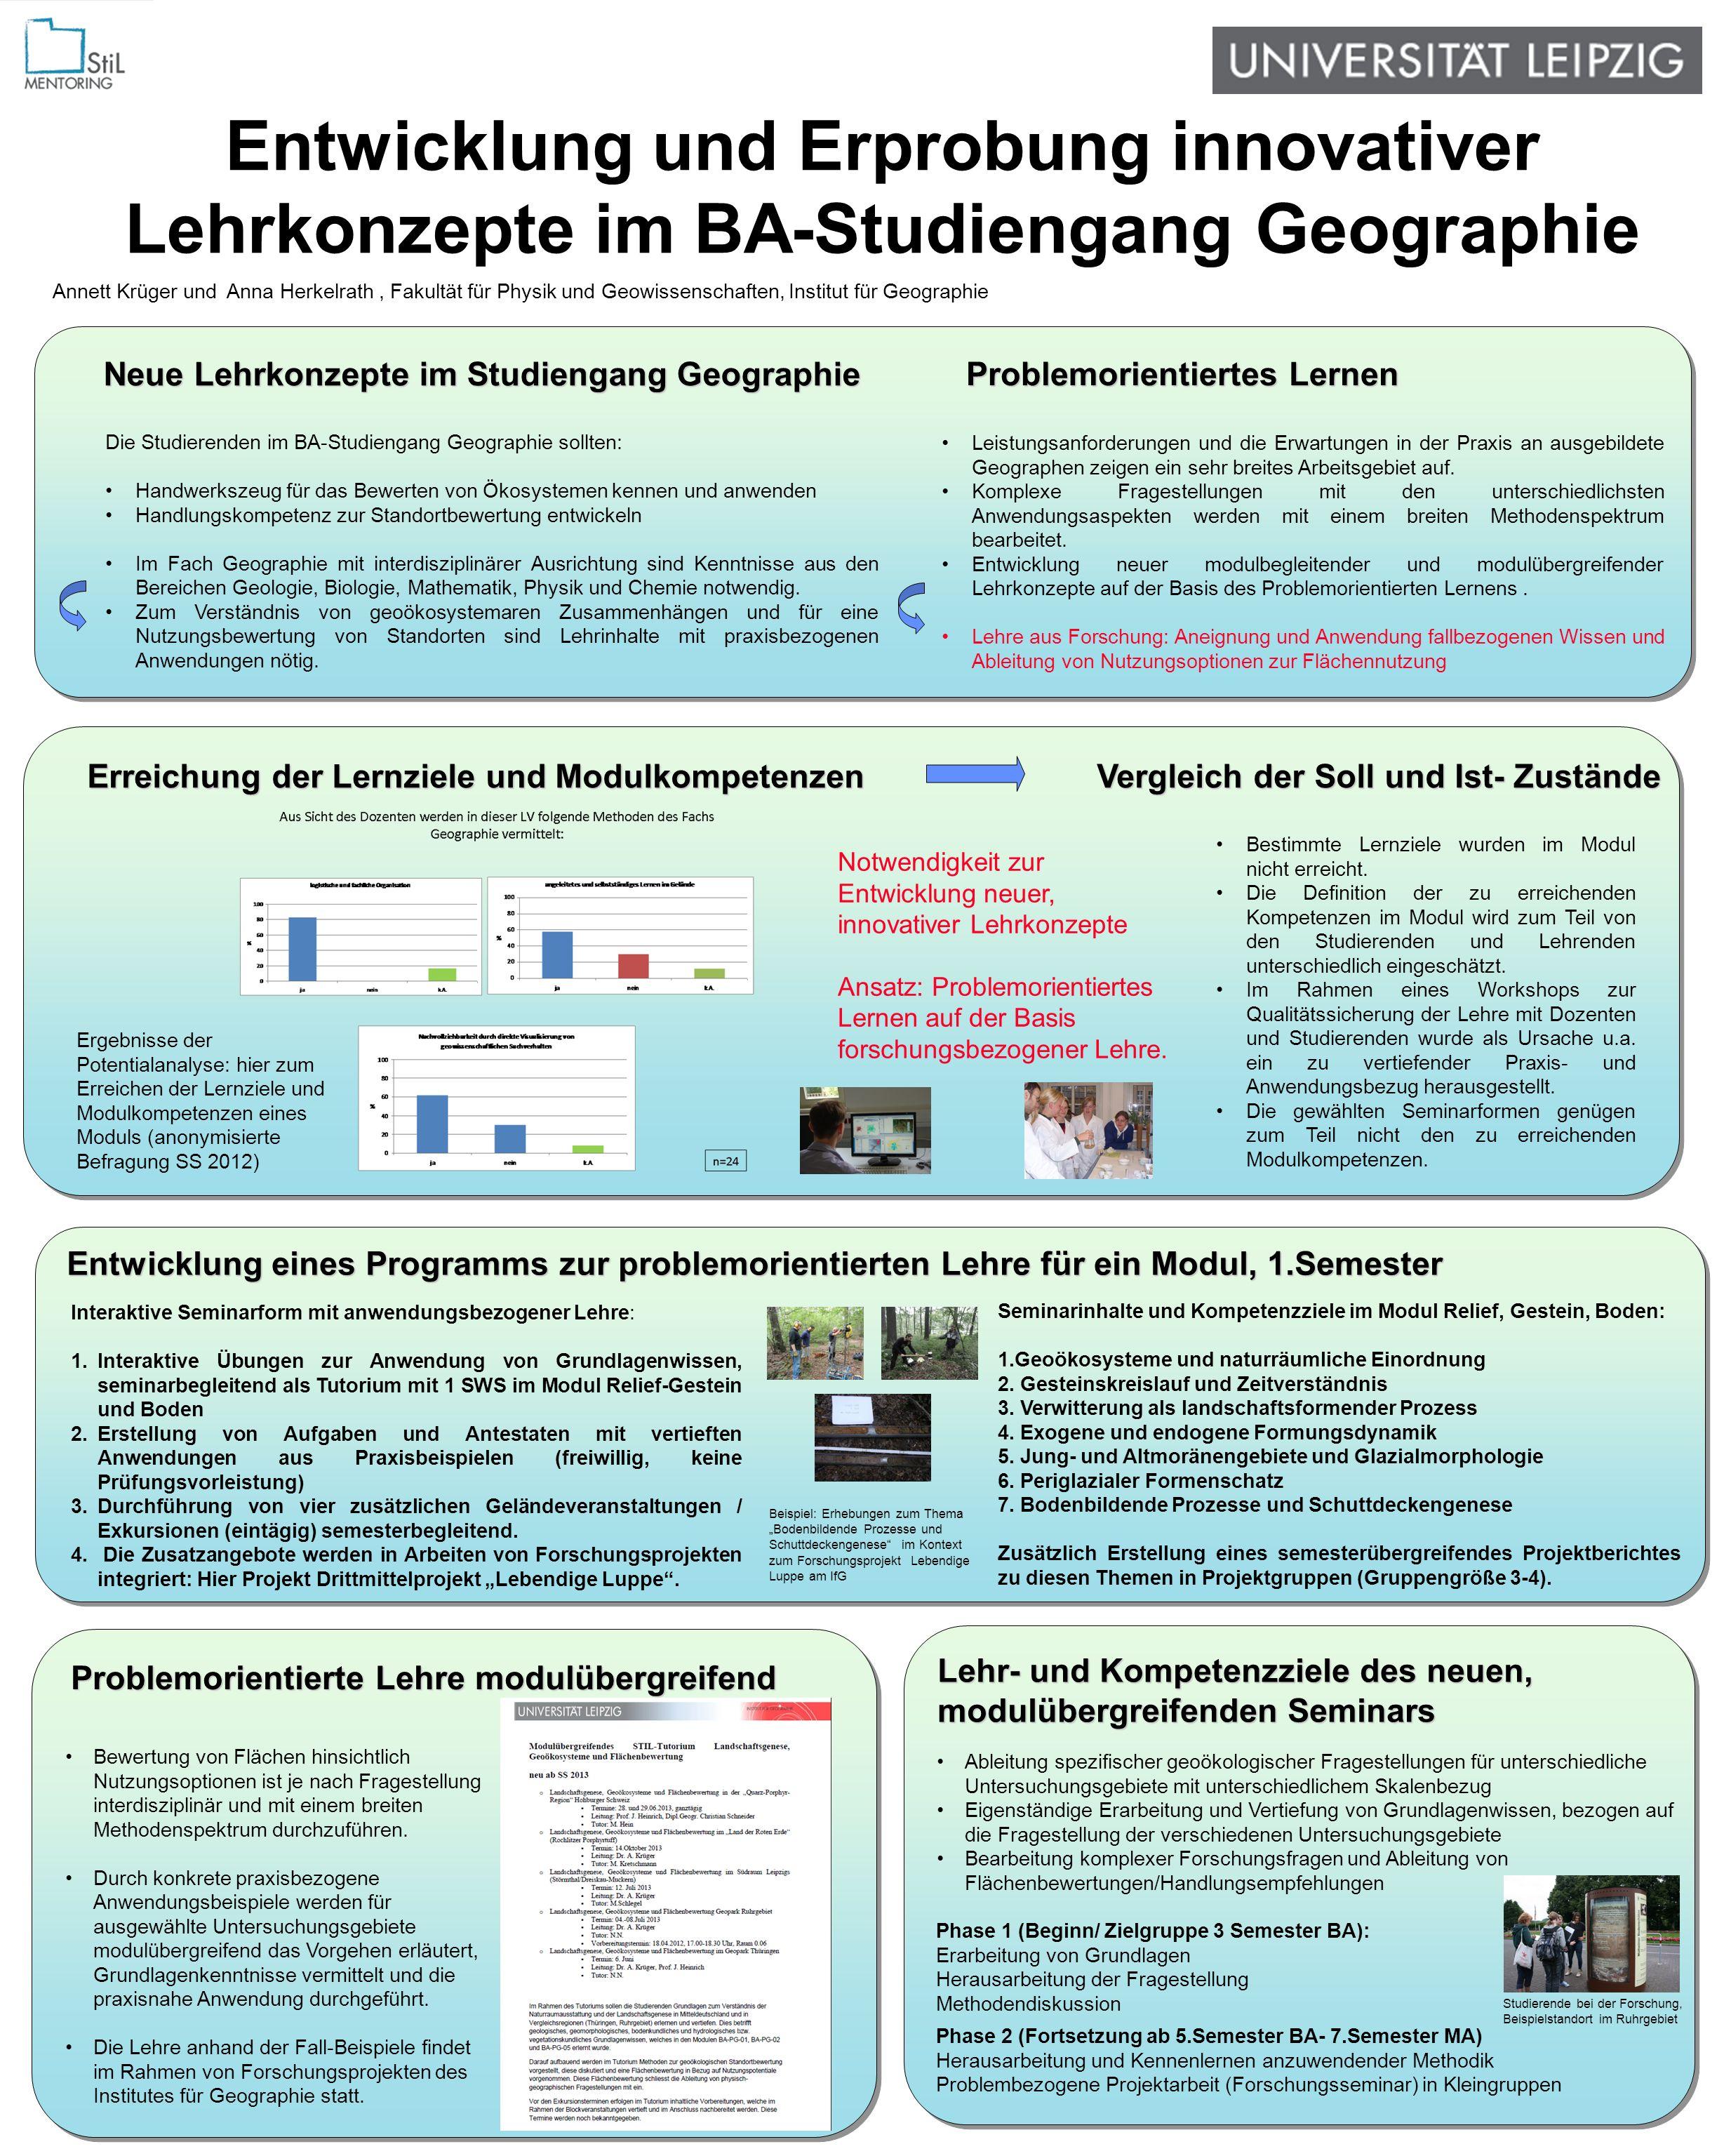 Schön Rahmen Physik Ideen - Bilderrahmen Ideen - szurop.info